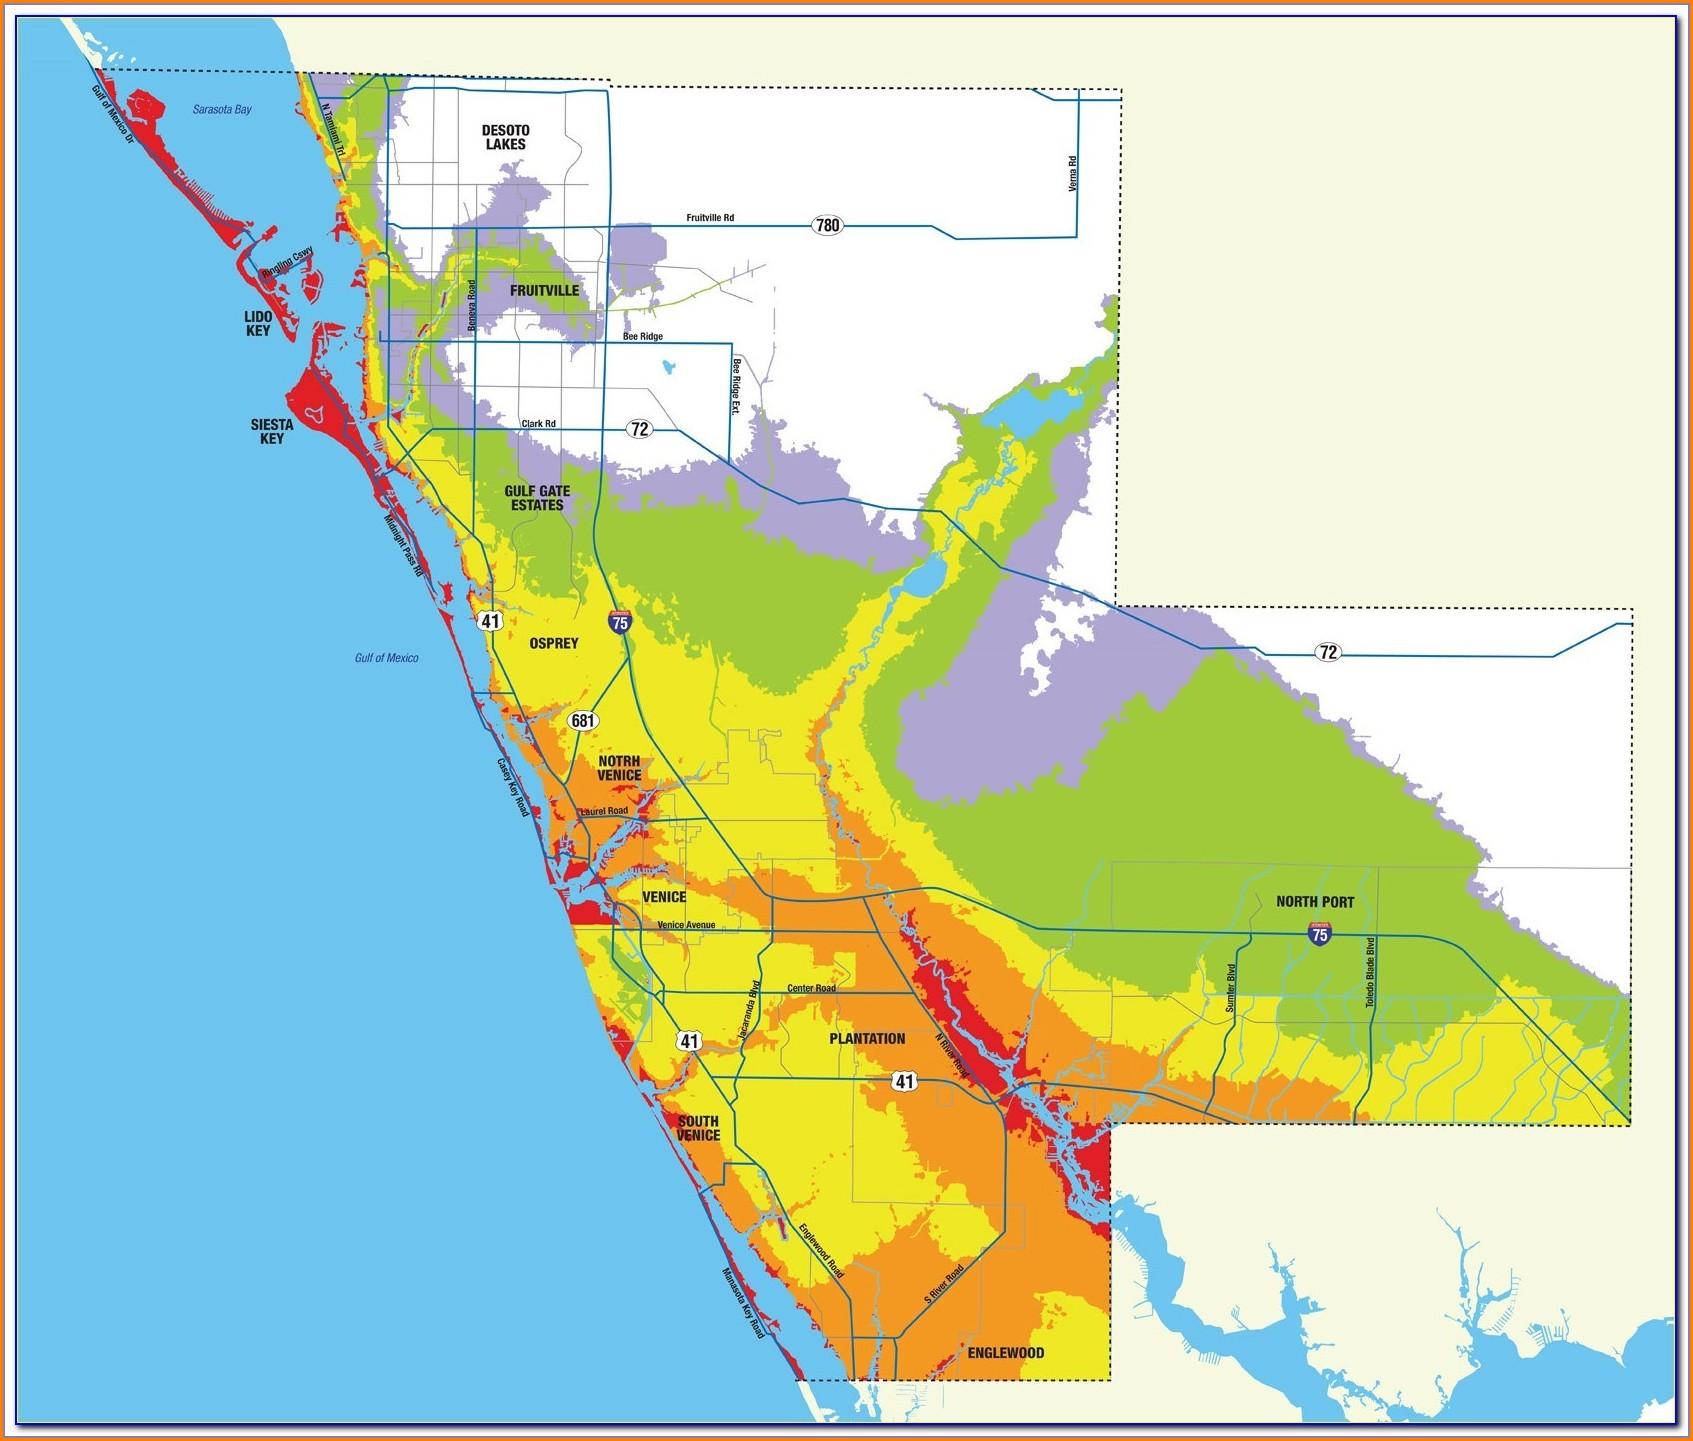 Sarasota County Flood Zone Map